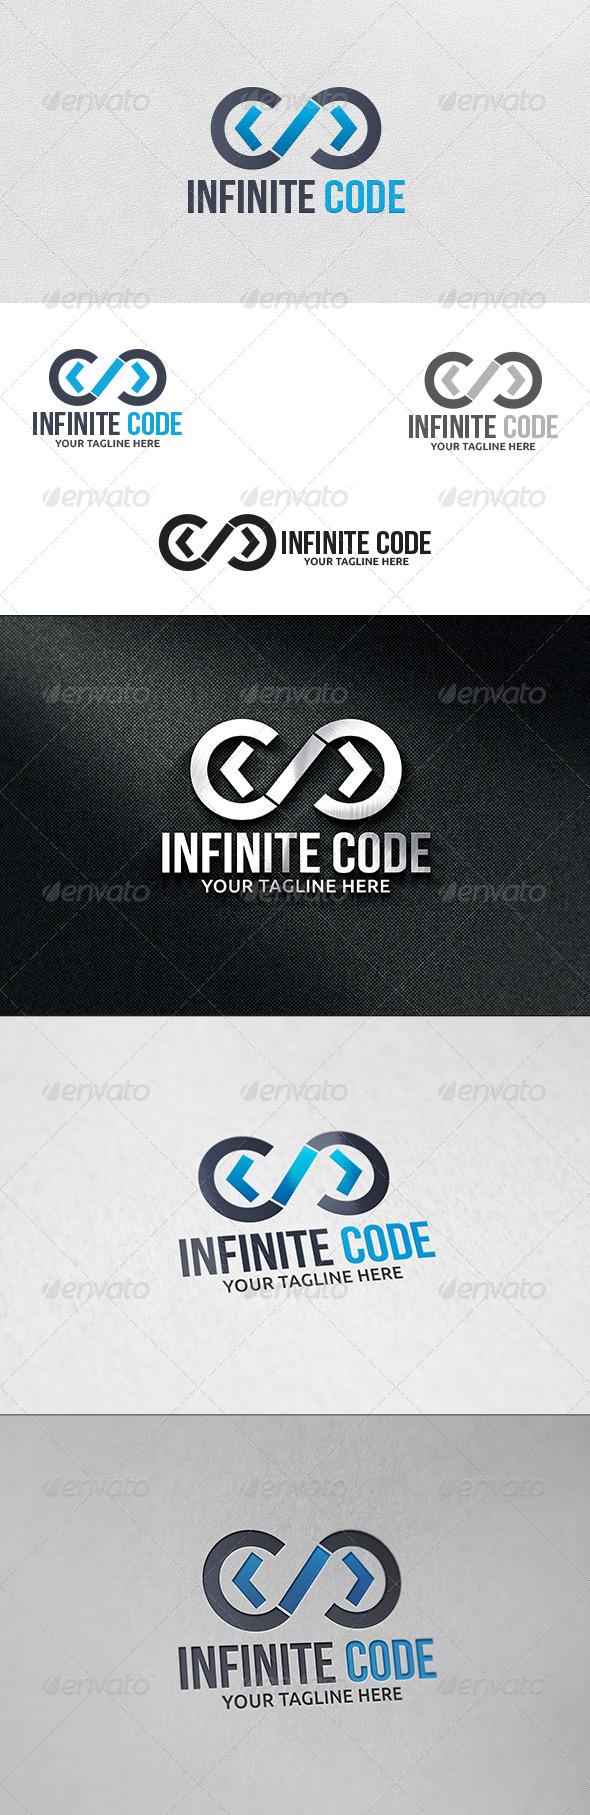 GraphicRiver Infinite Code Logo Template 6159540